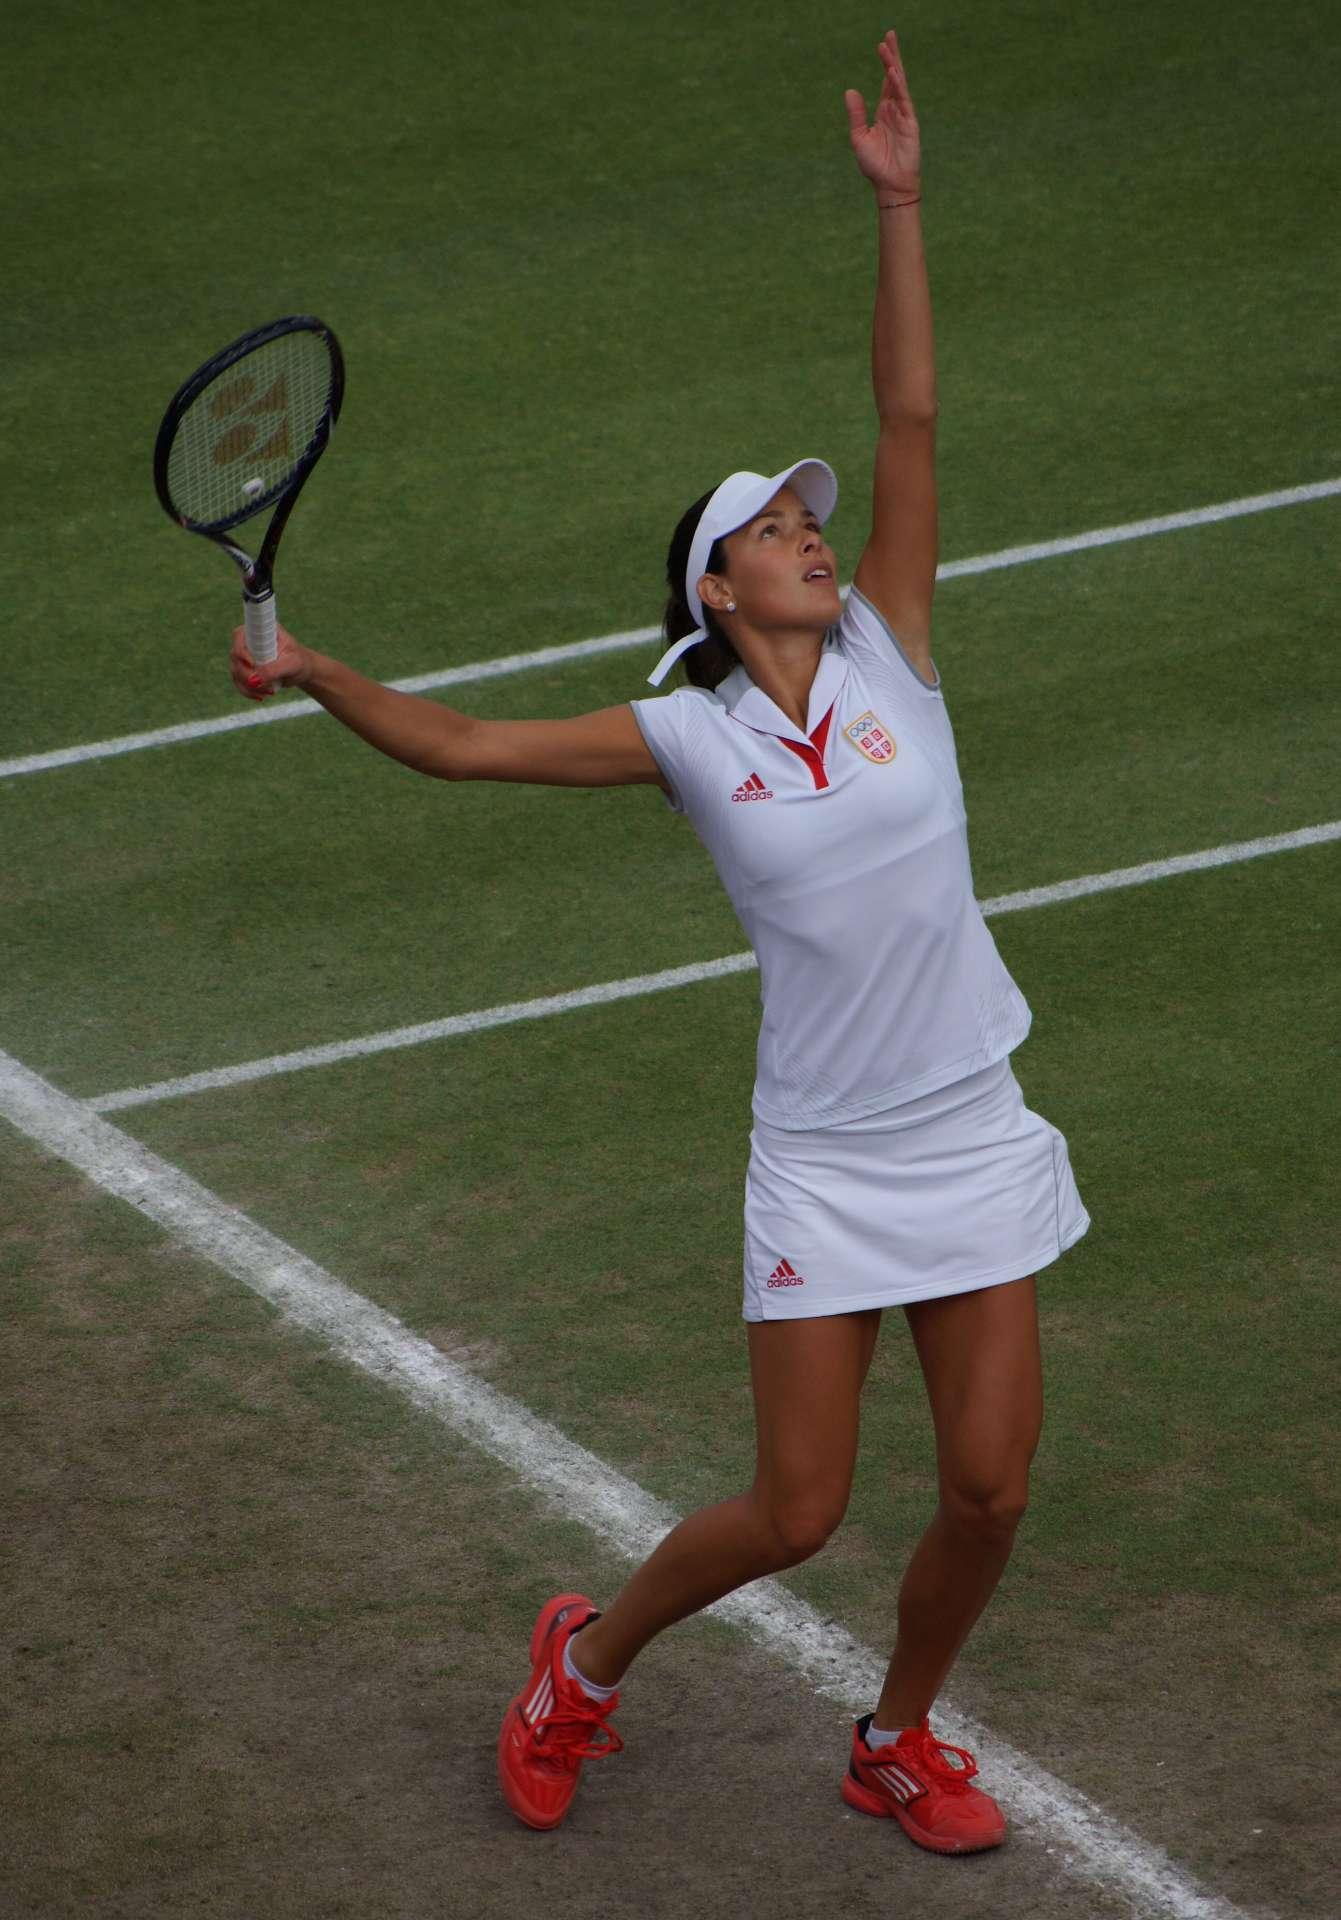 Ana Invanovic playing tennis